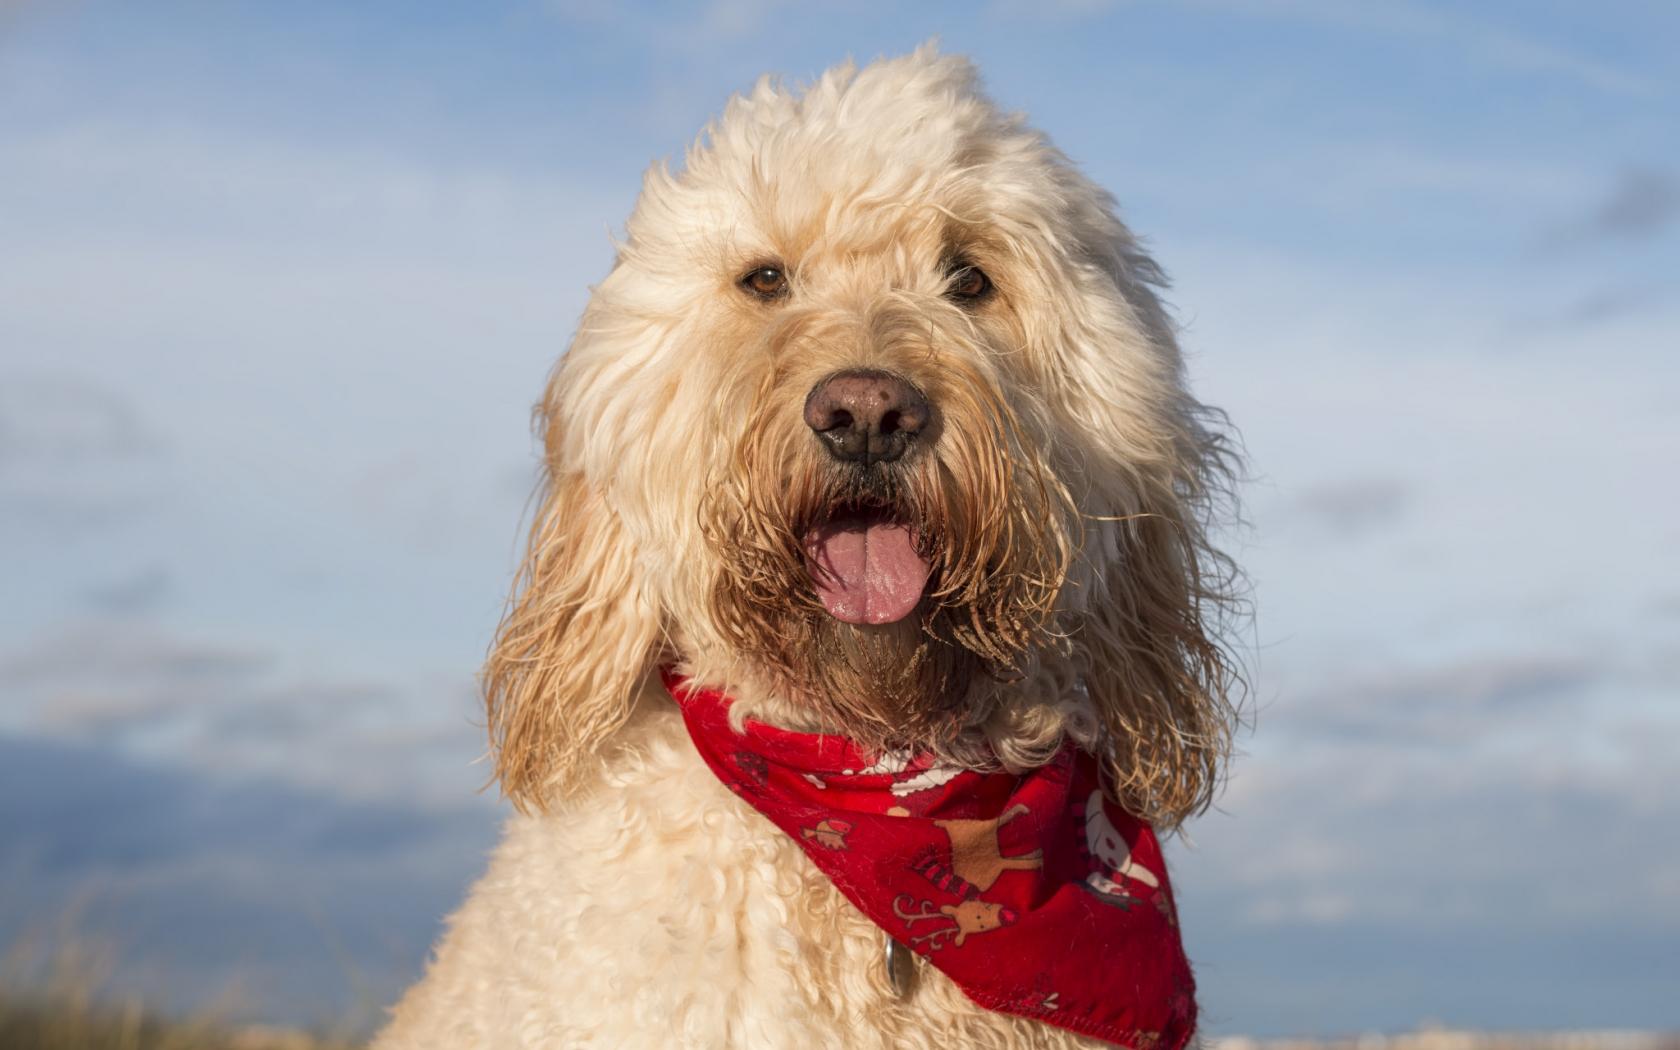 Fotografías de perros - 1680x1050